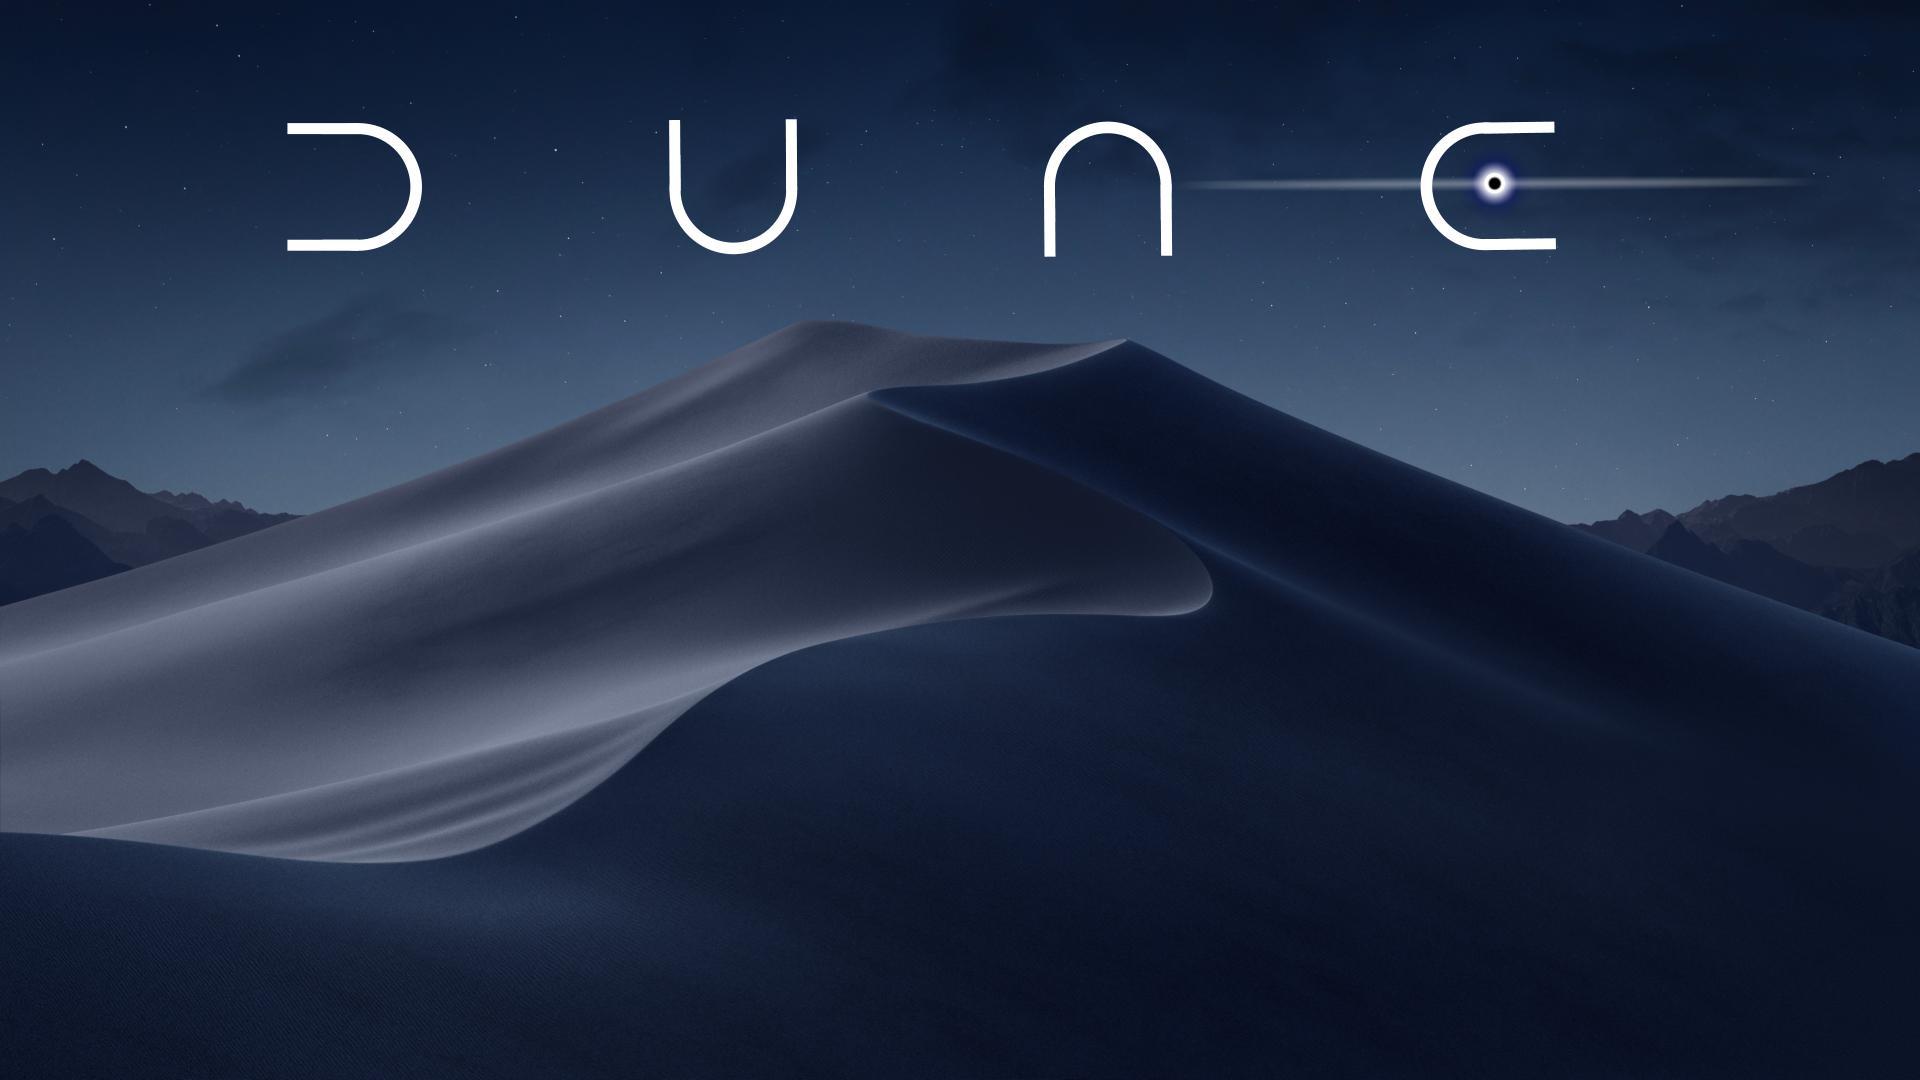 Dune 2020 Wallpapers 1920x1080